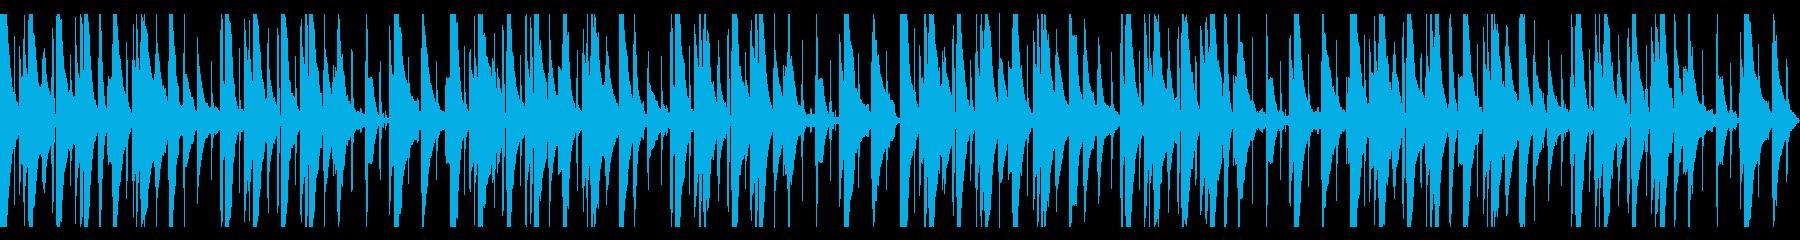 ピアノLofi Hiphopの再生済みの波形